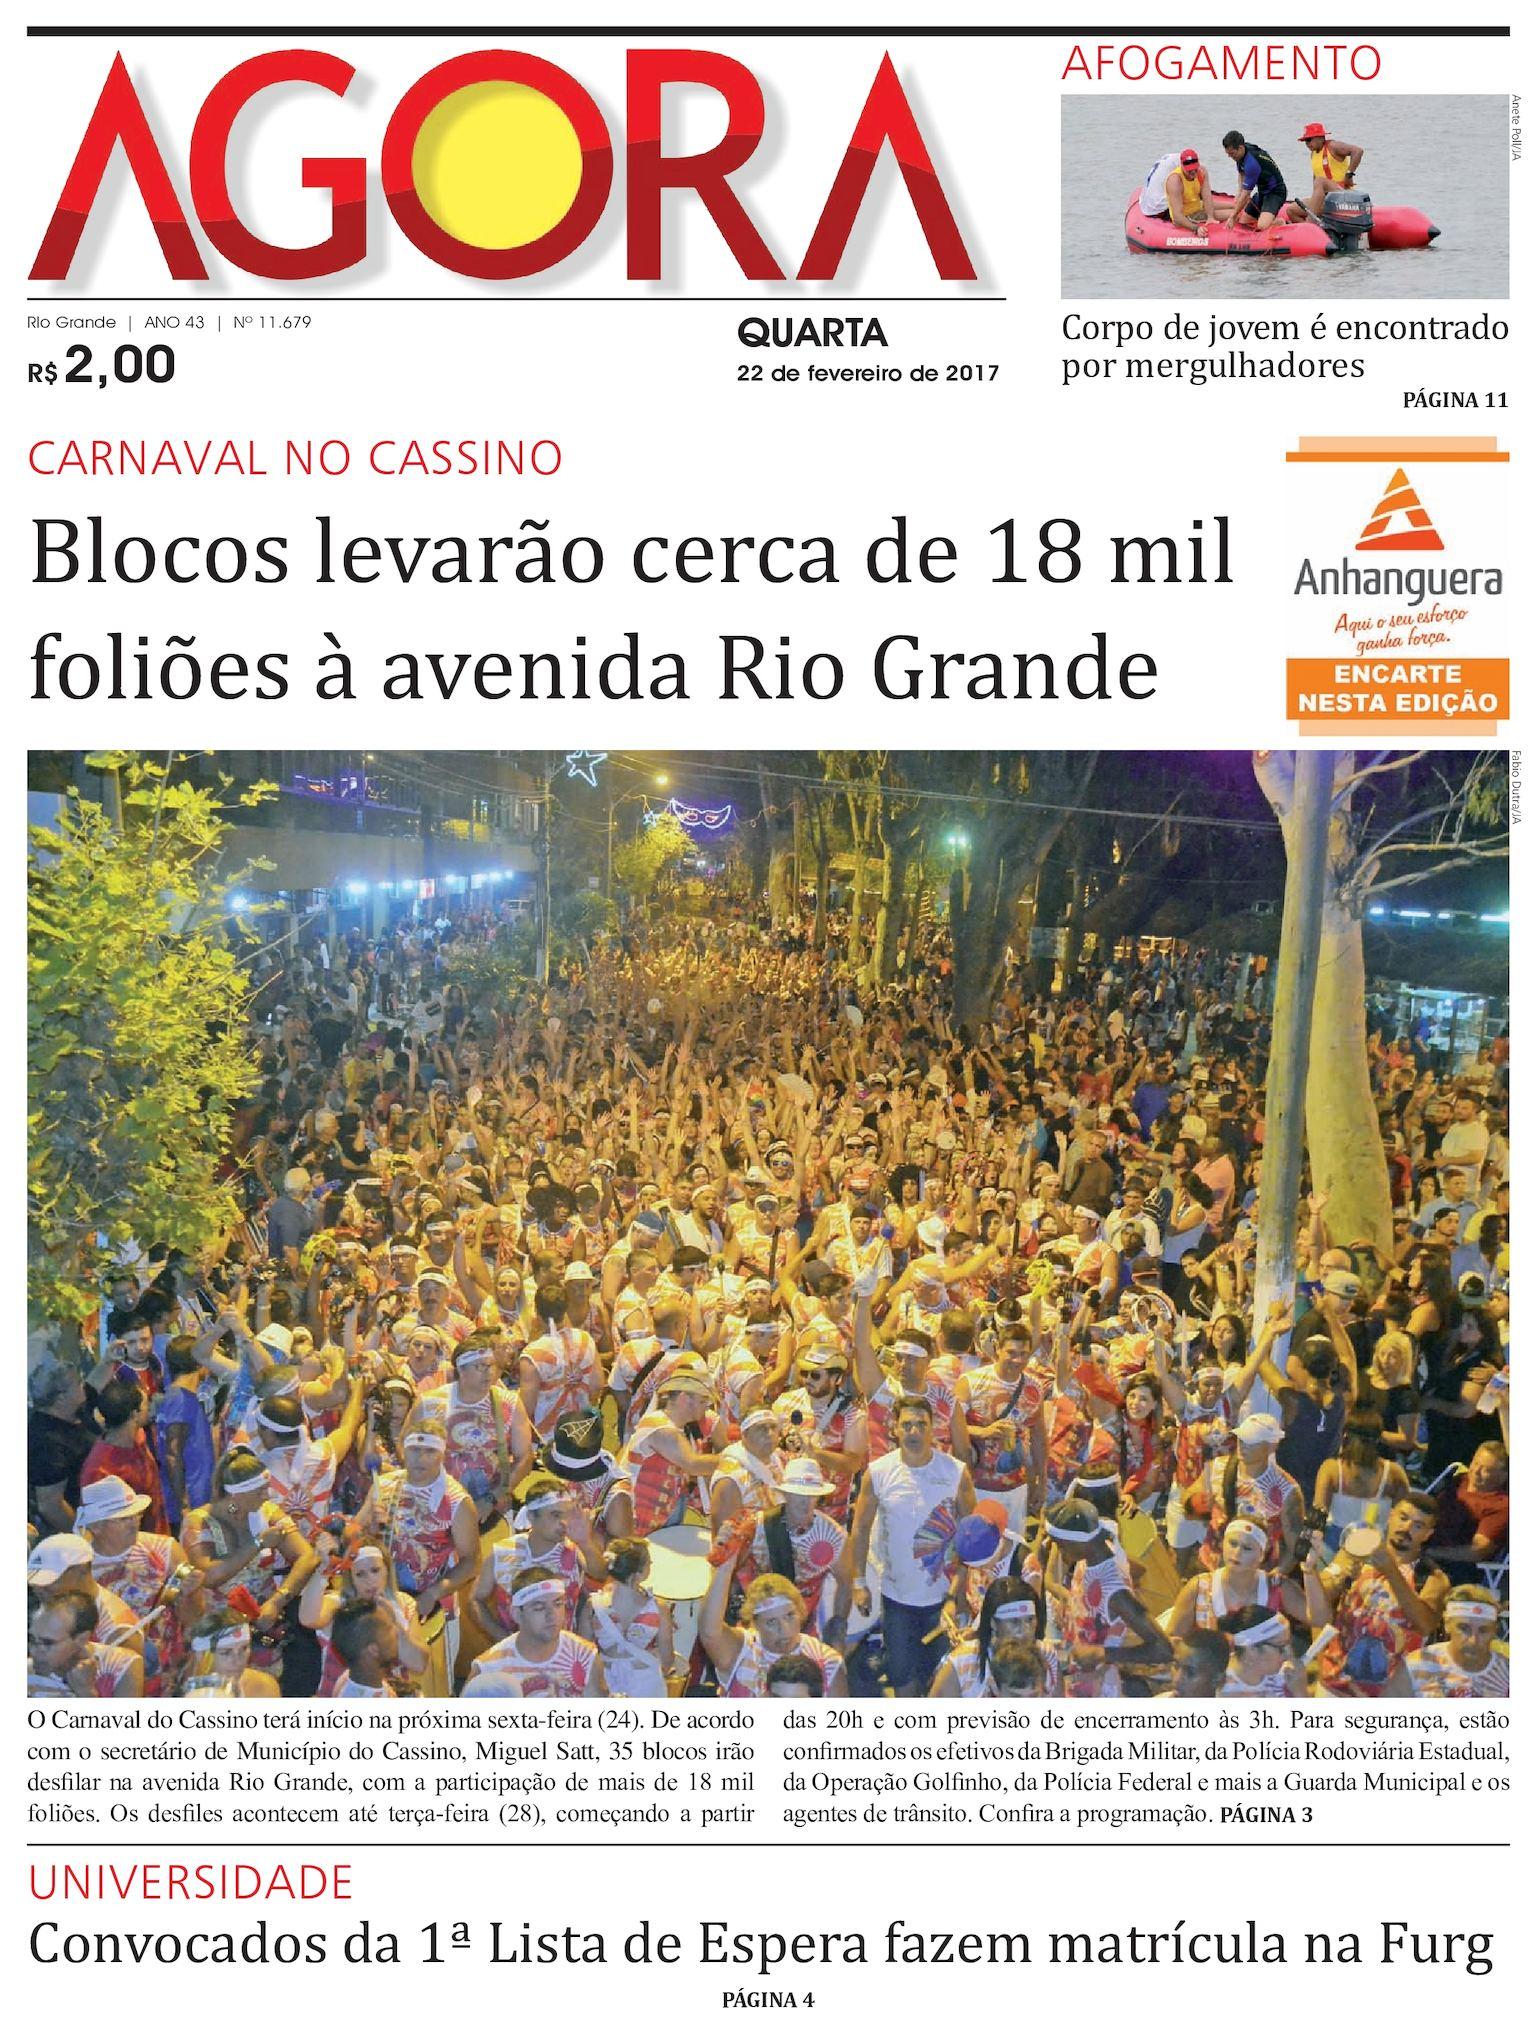 Jornal Agora - Edição 11679  - 22 de Fevereiro de 2017